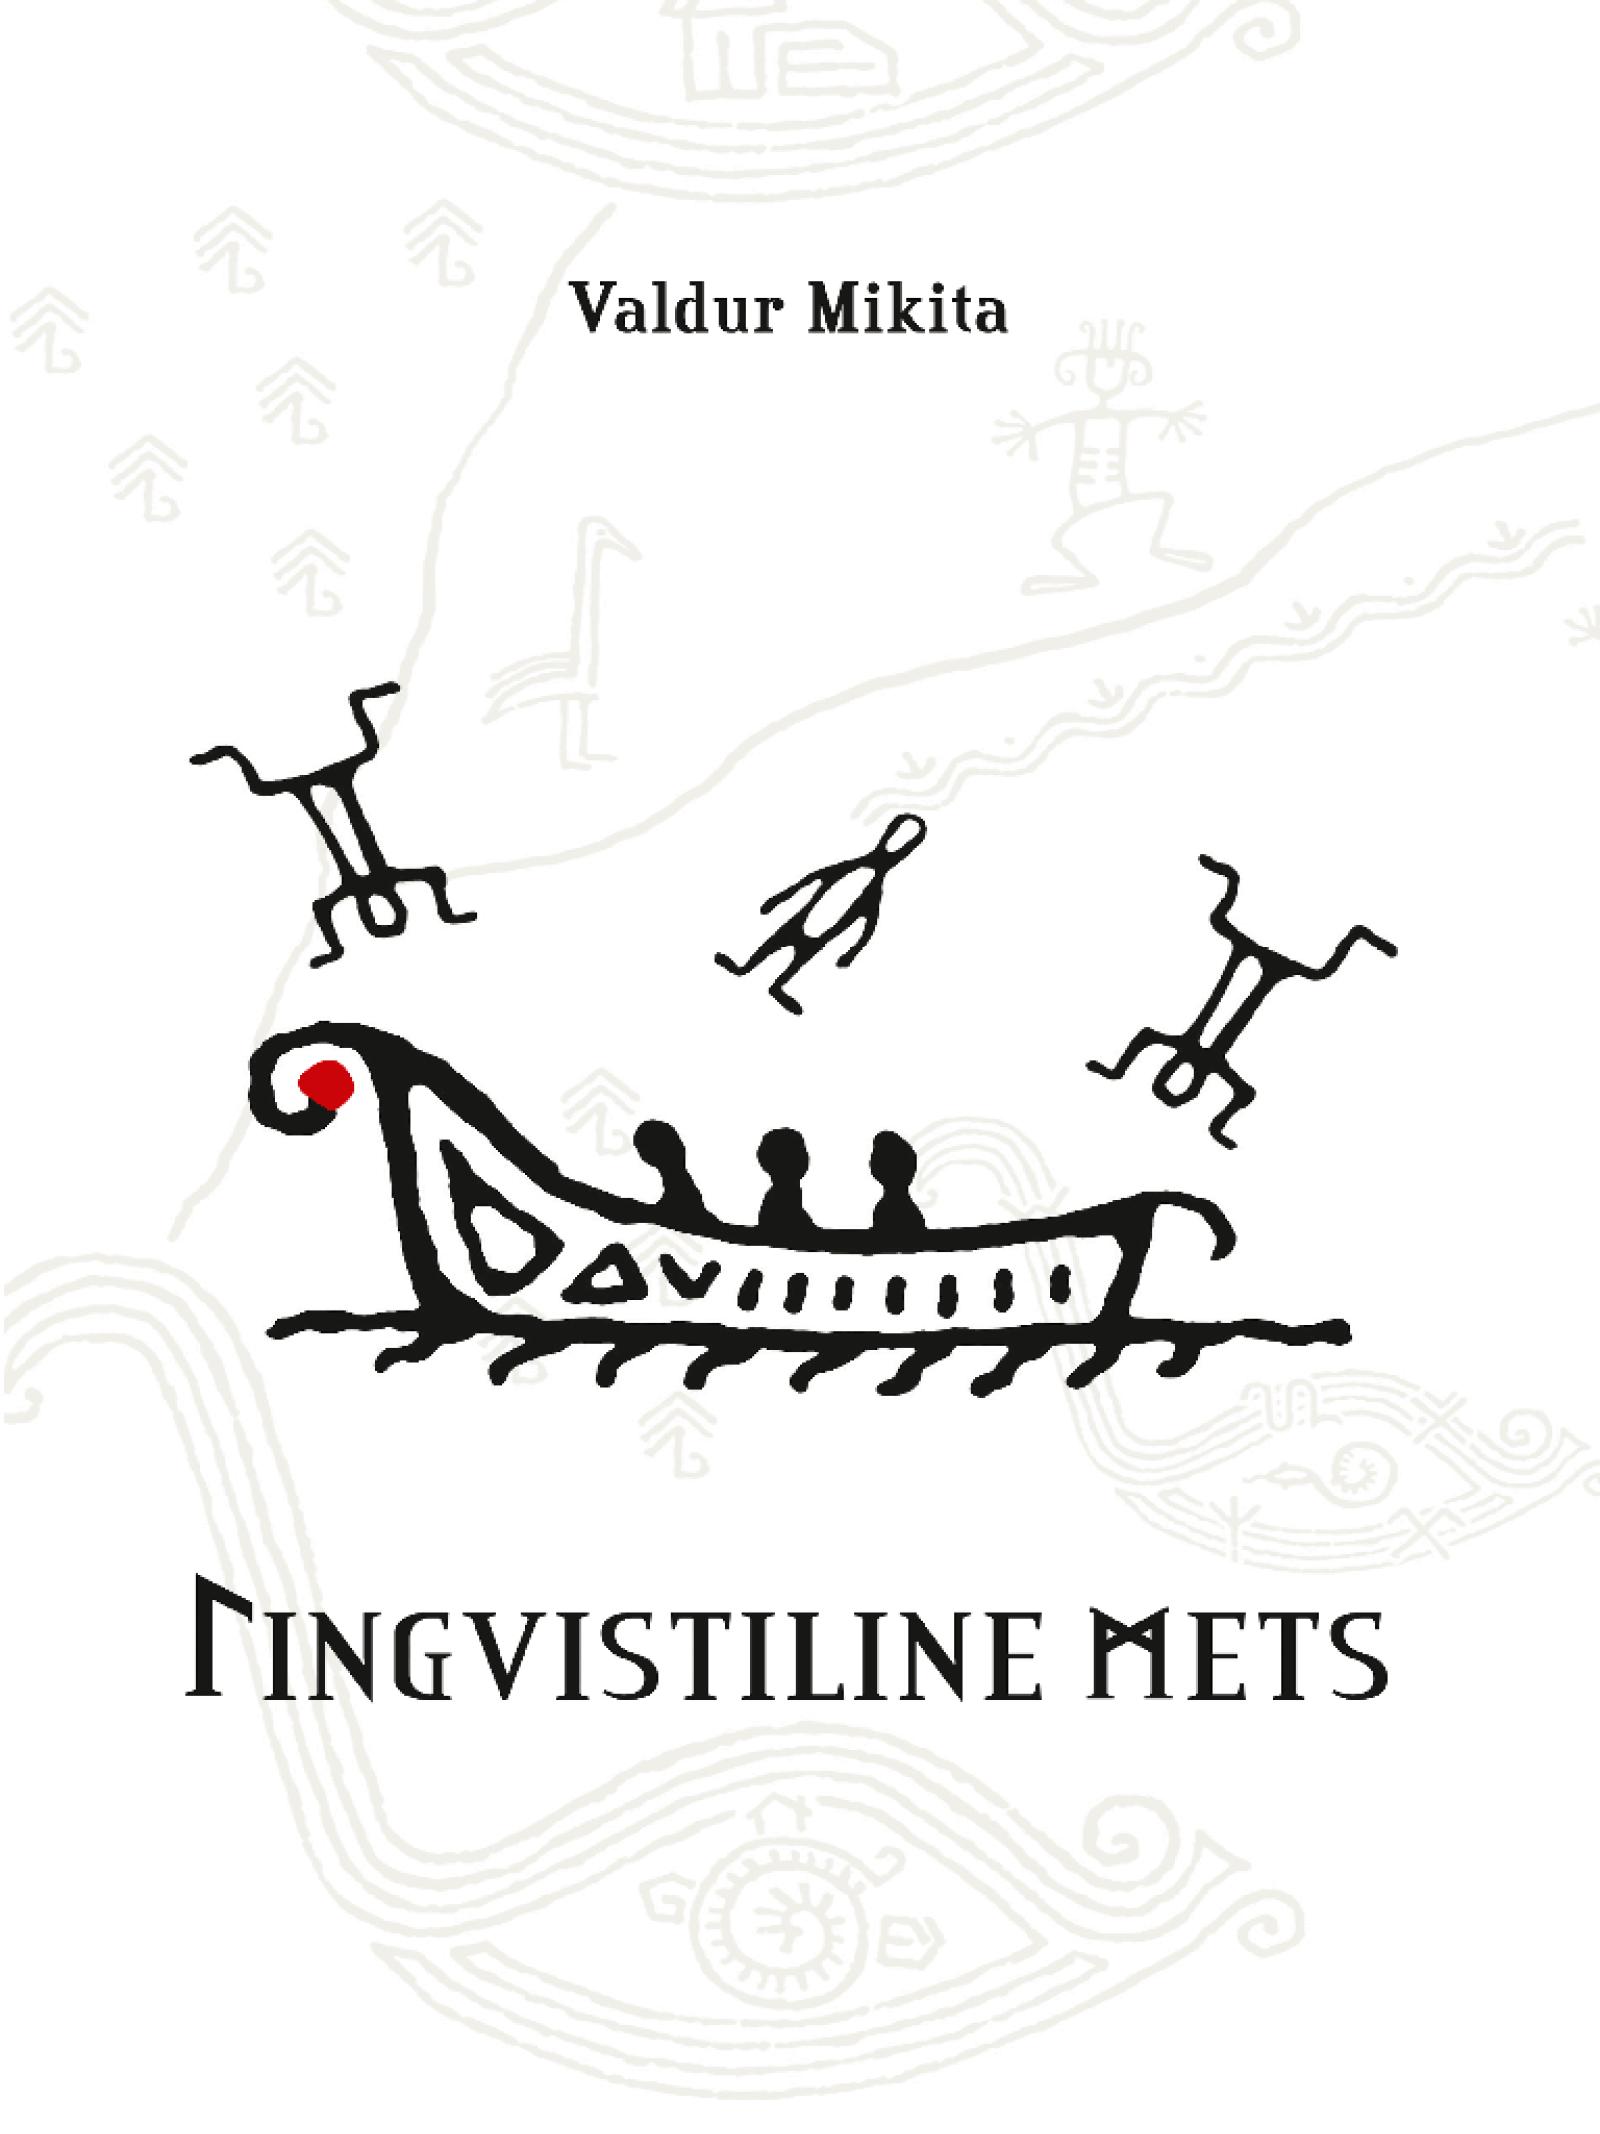 Valdur Mikita Lingvistiline mets ashilevi jim kehade mets